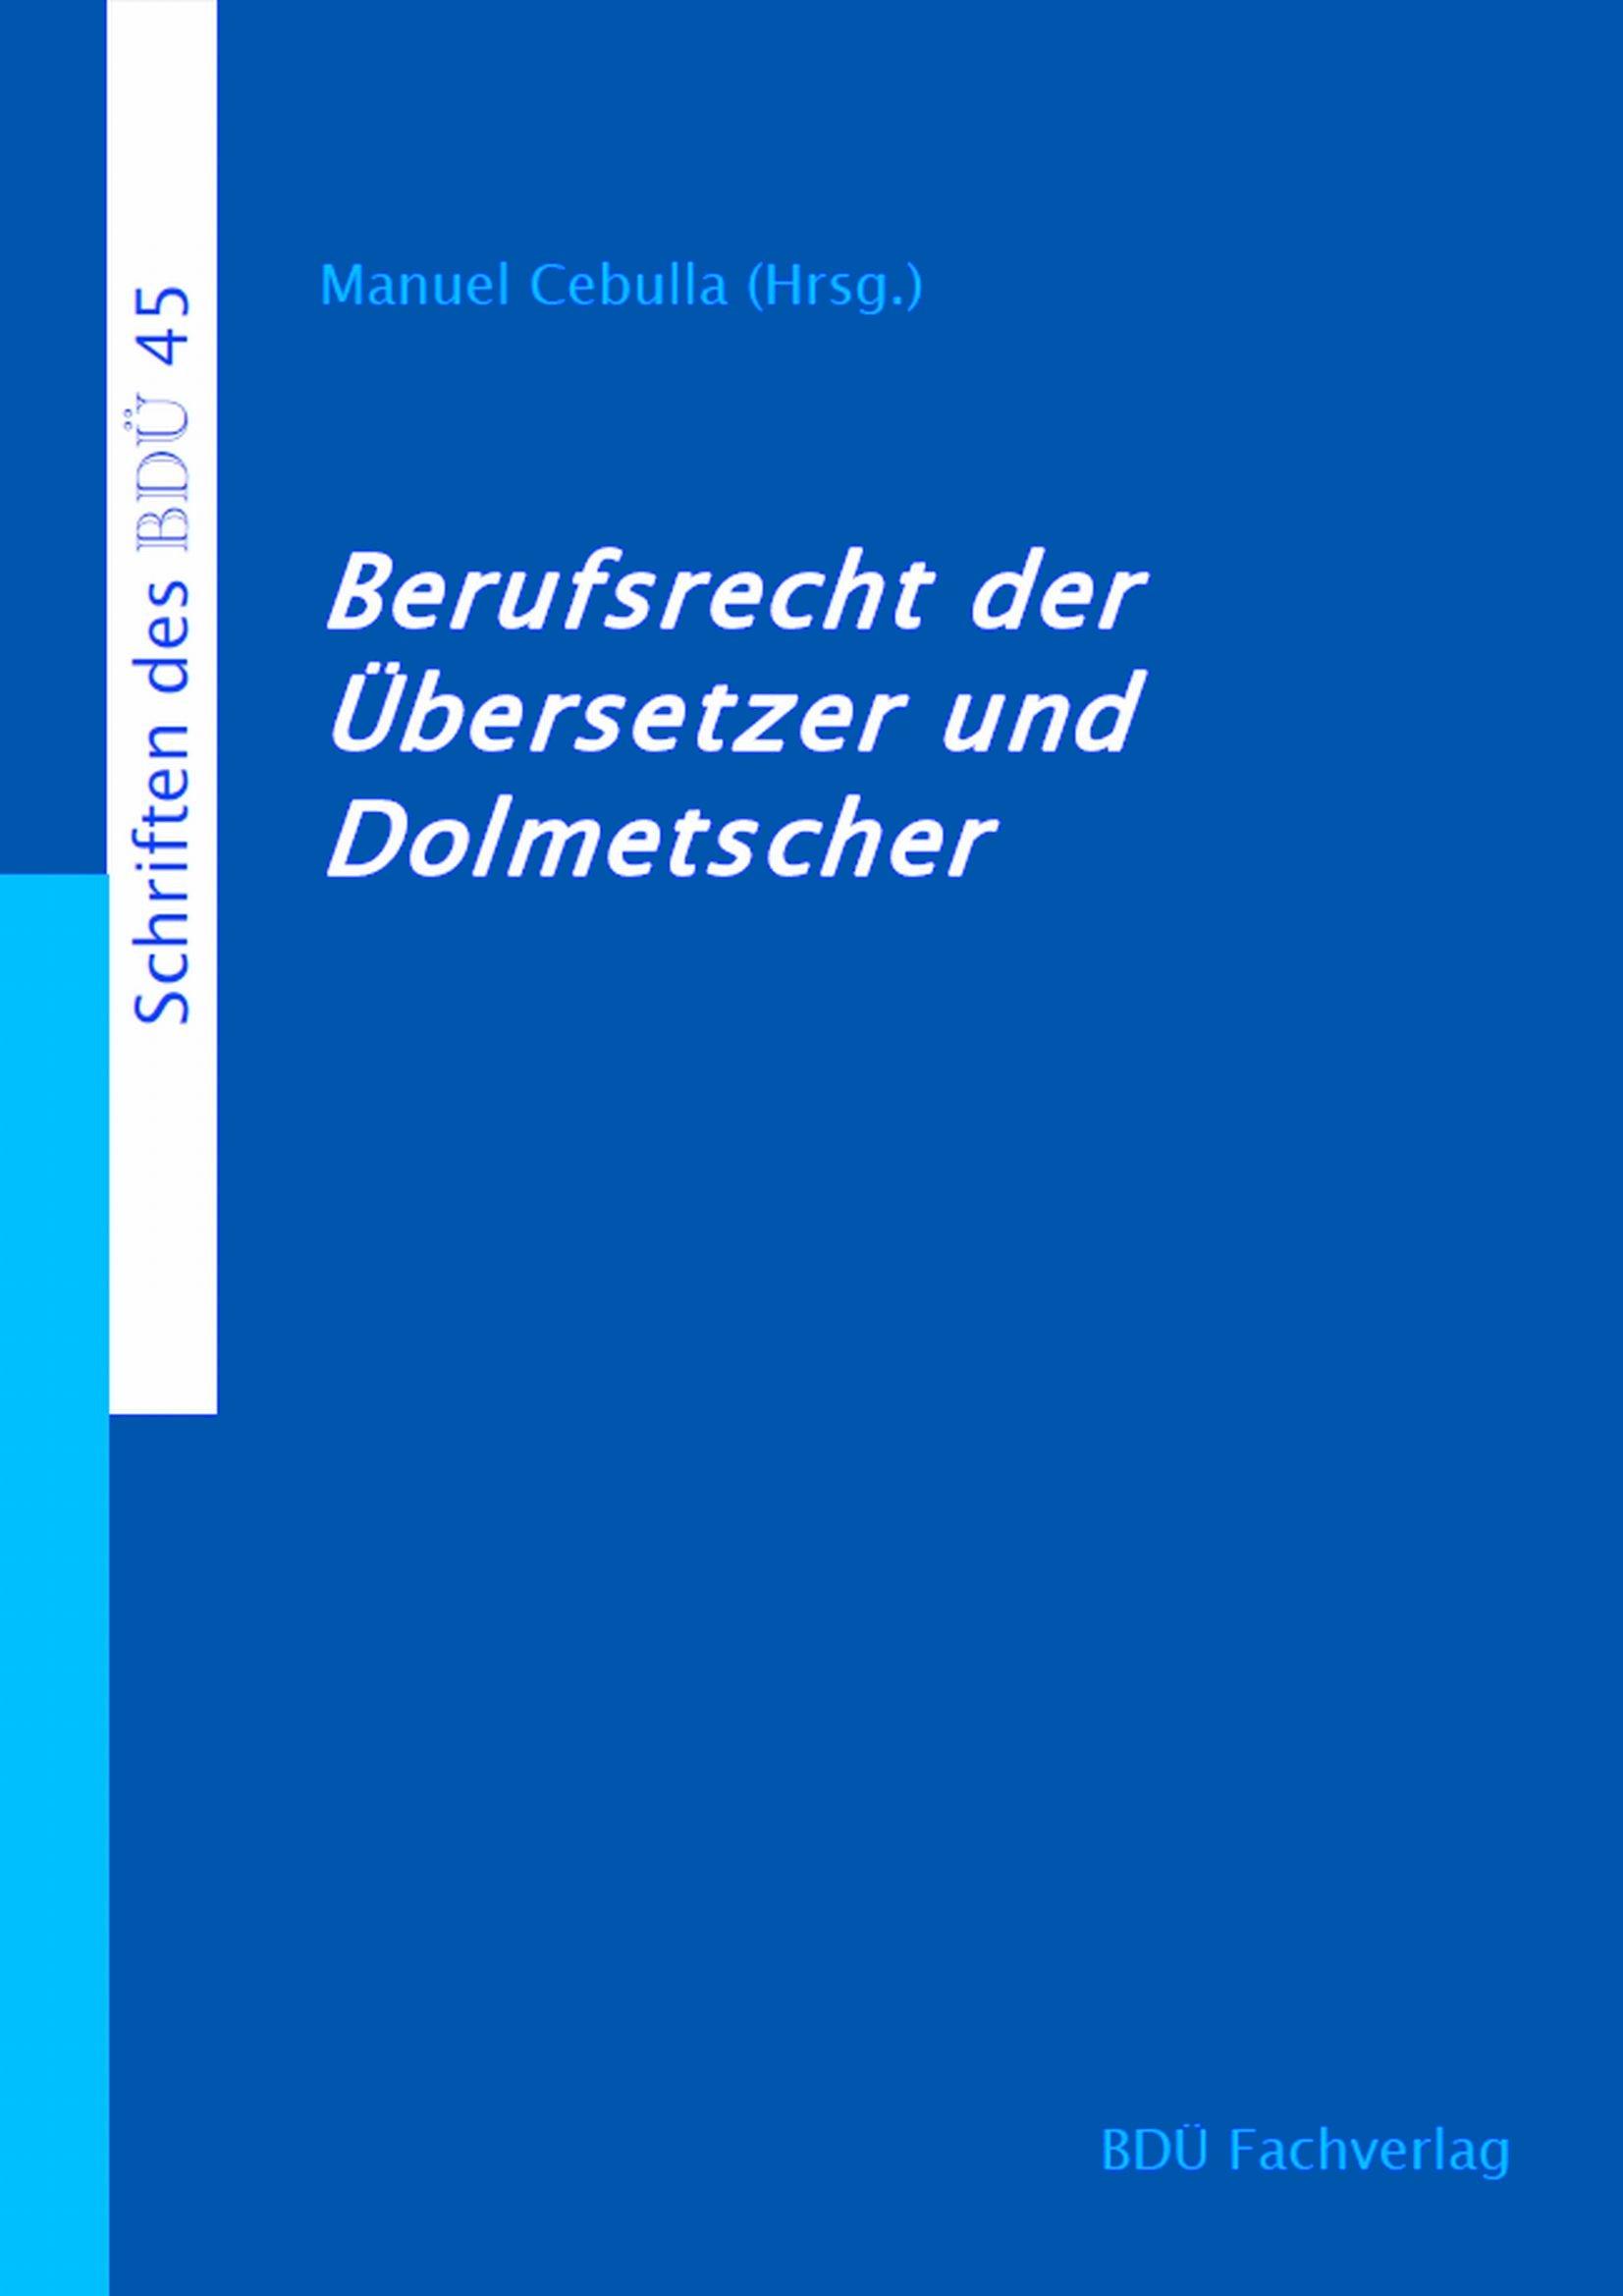 Berufsrecht der Übersetzer und Dolmetscher